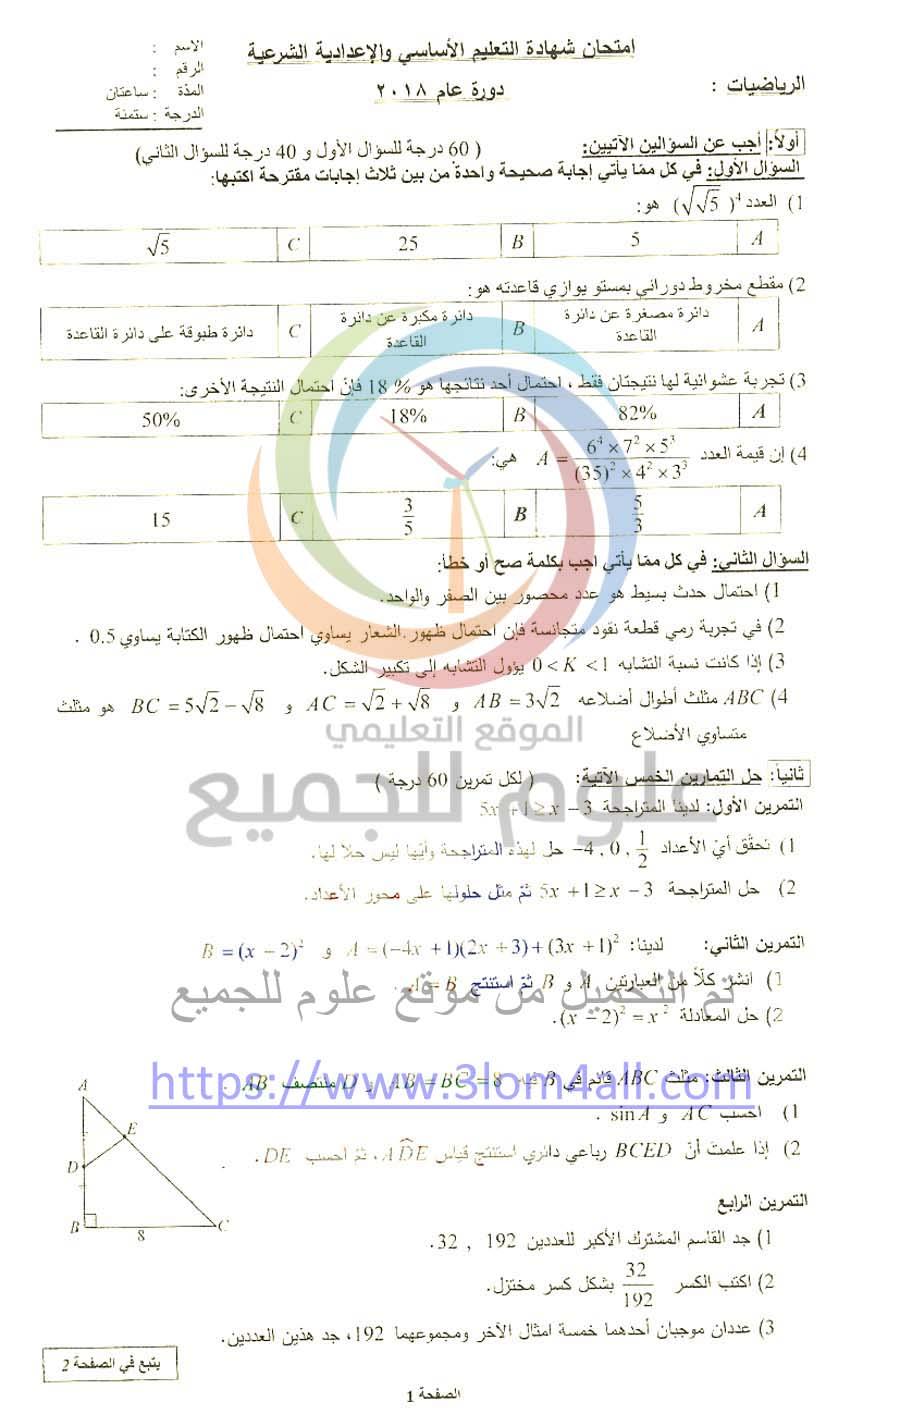 حمص اسئلة الرياضيات تاسع دورة 2018 مع الحل- الامتحان النهائي سوريا